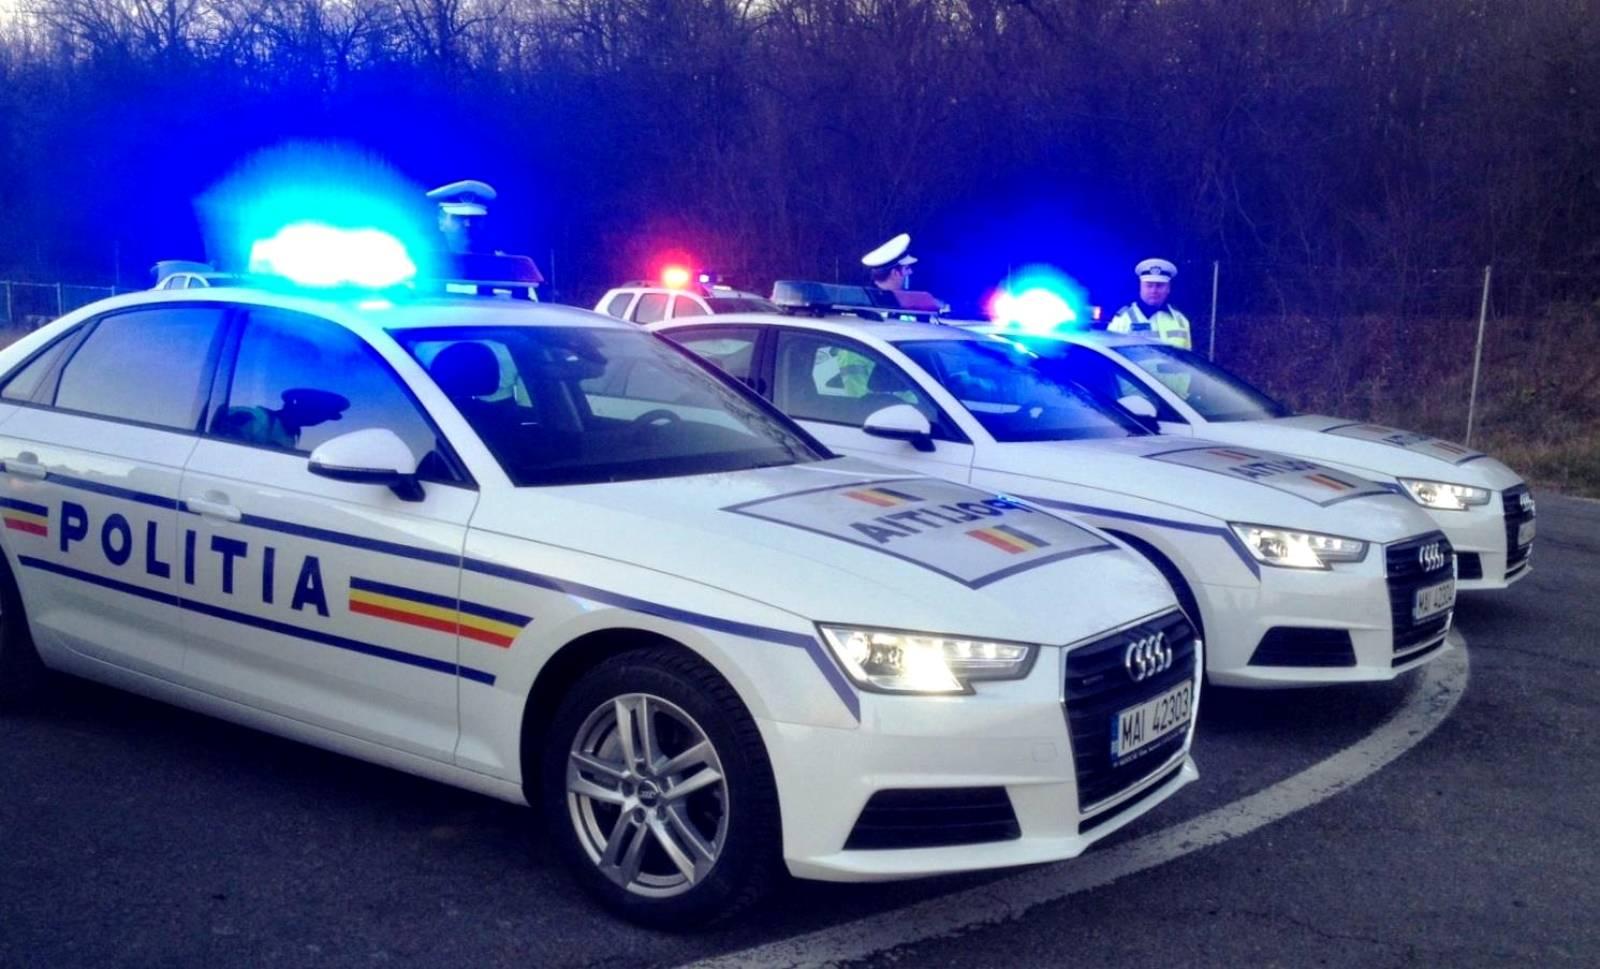 Politia Romana furt avioane